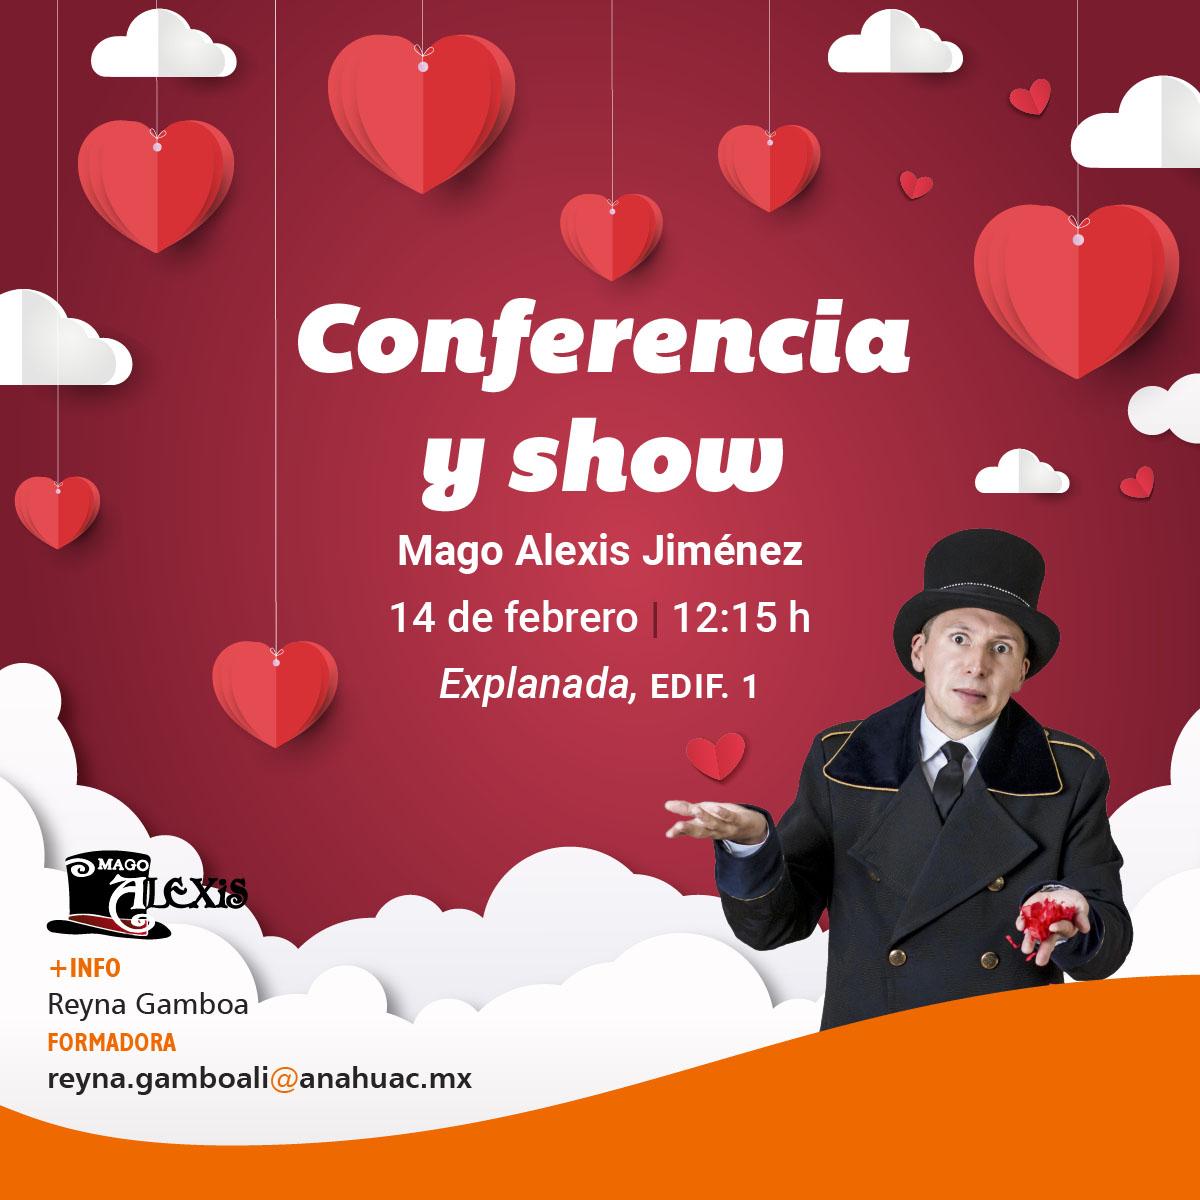 Conferencia y Show con el Mago Alexis Jiménez